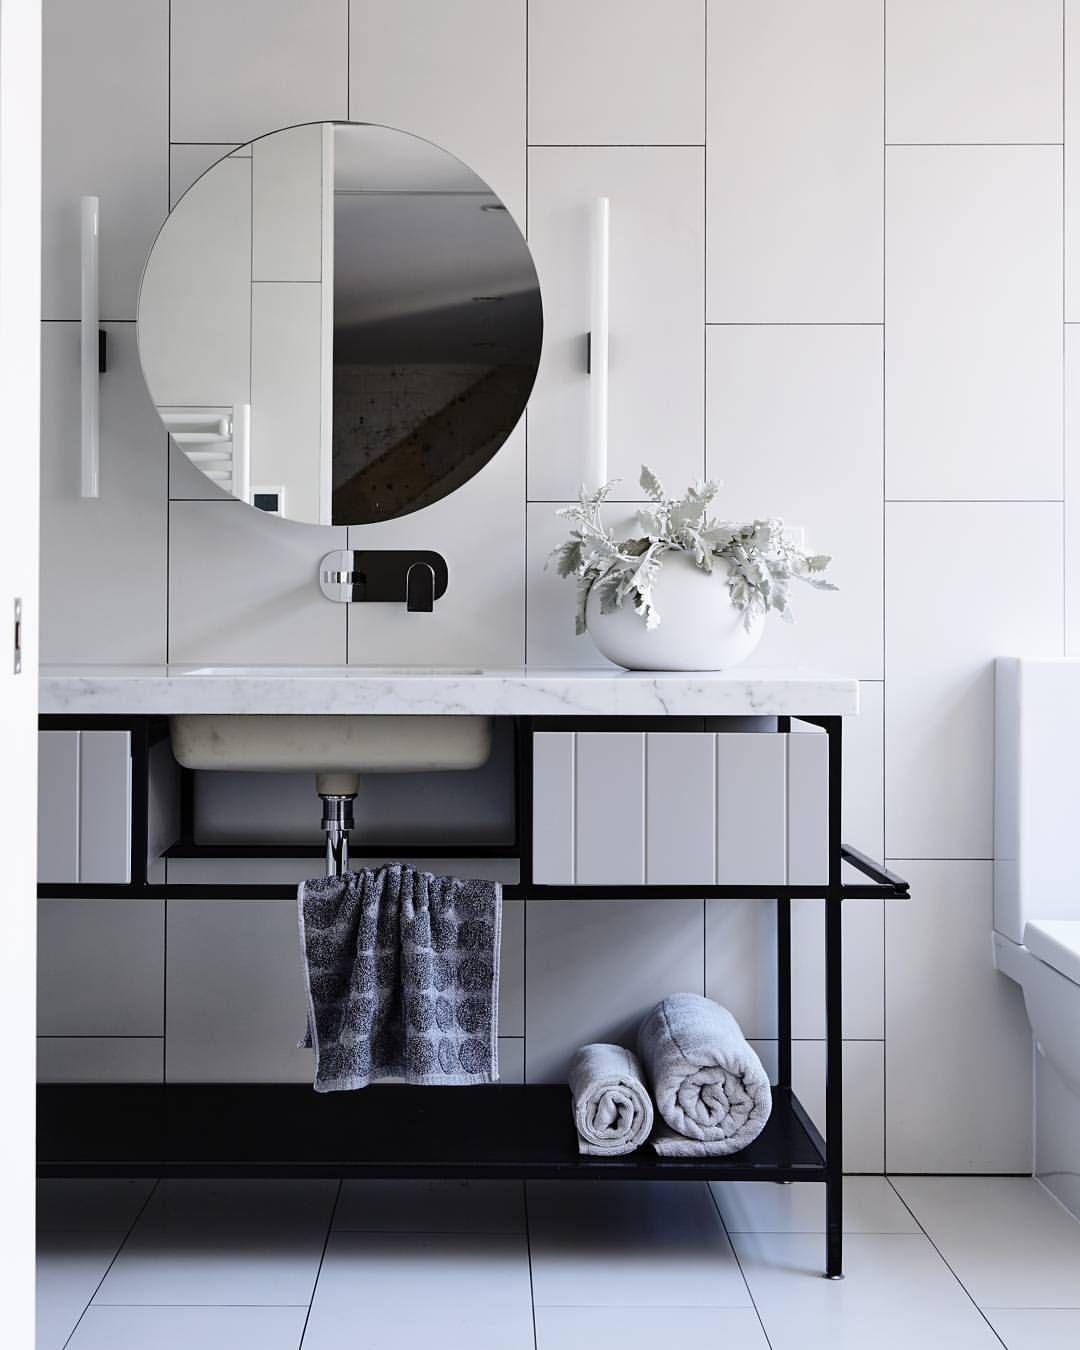 Wohndesign interieur badezimmer pin von linda loves diy u basteln u selber machen auf badezimmer